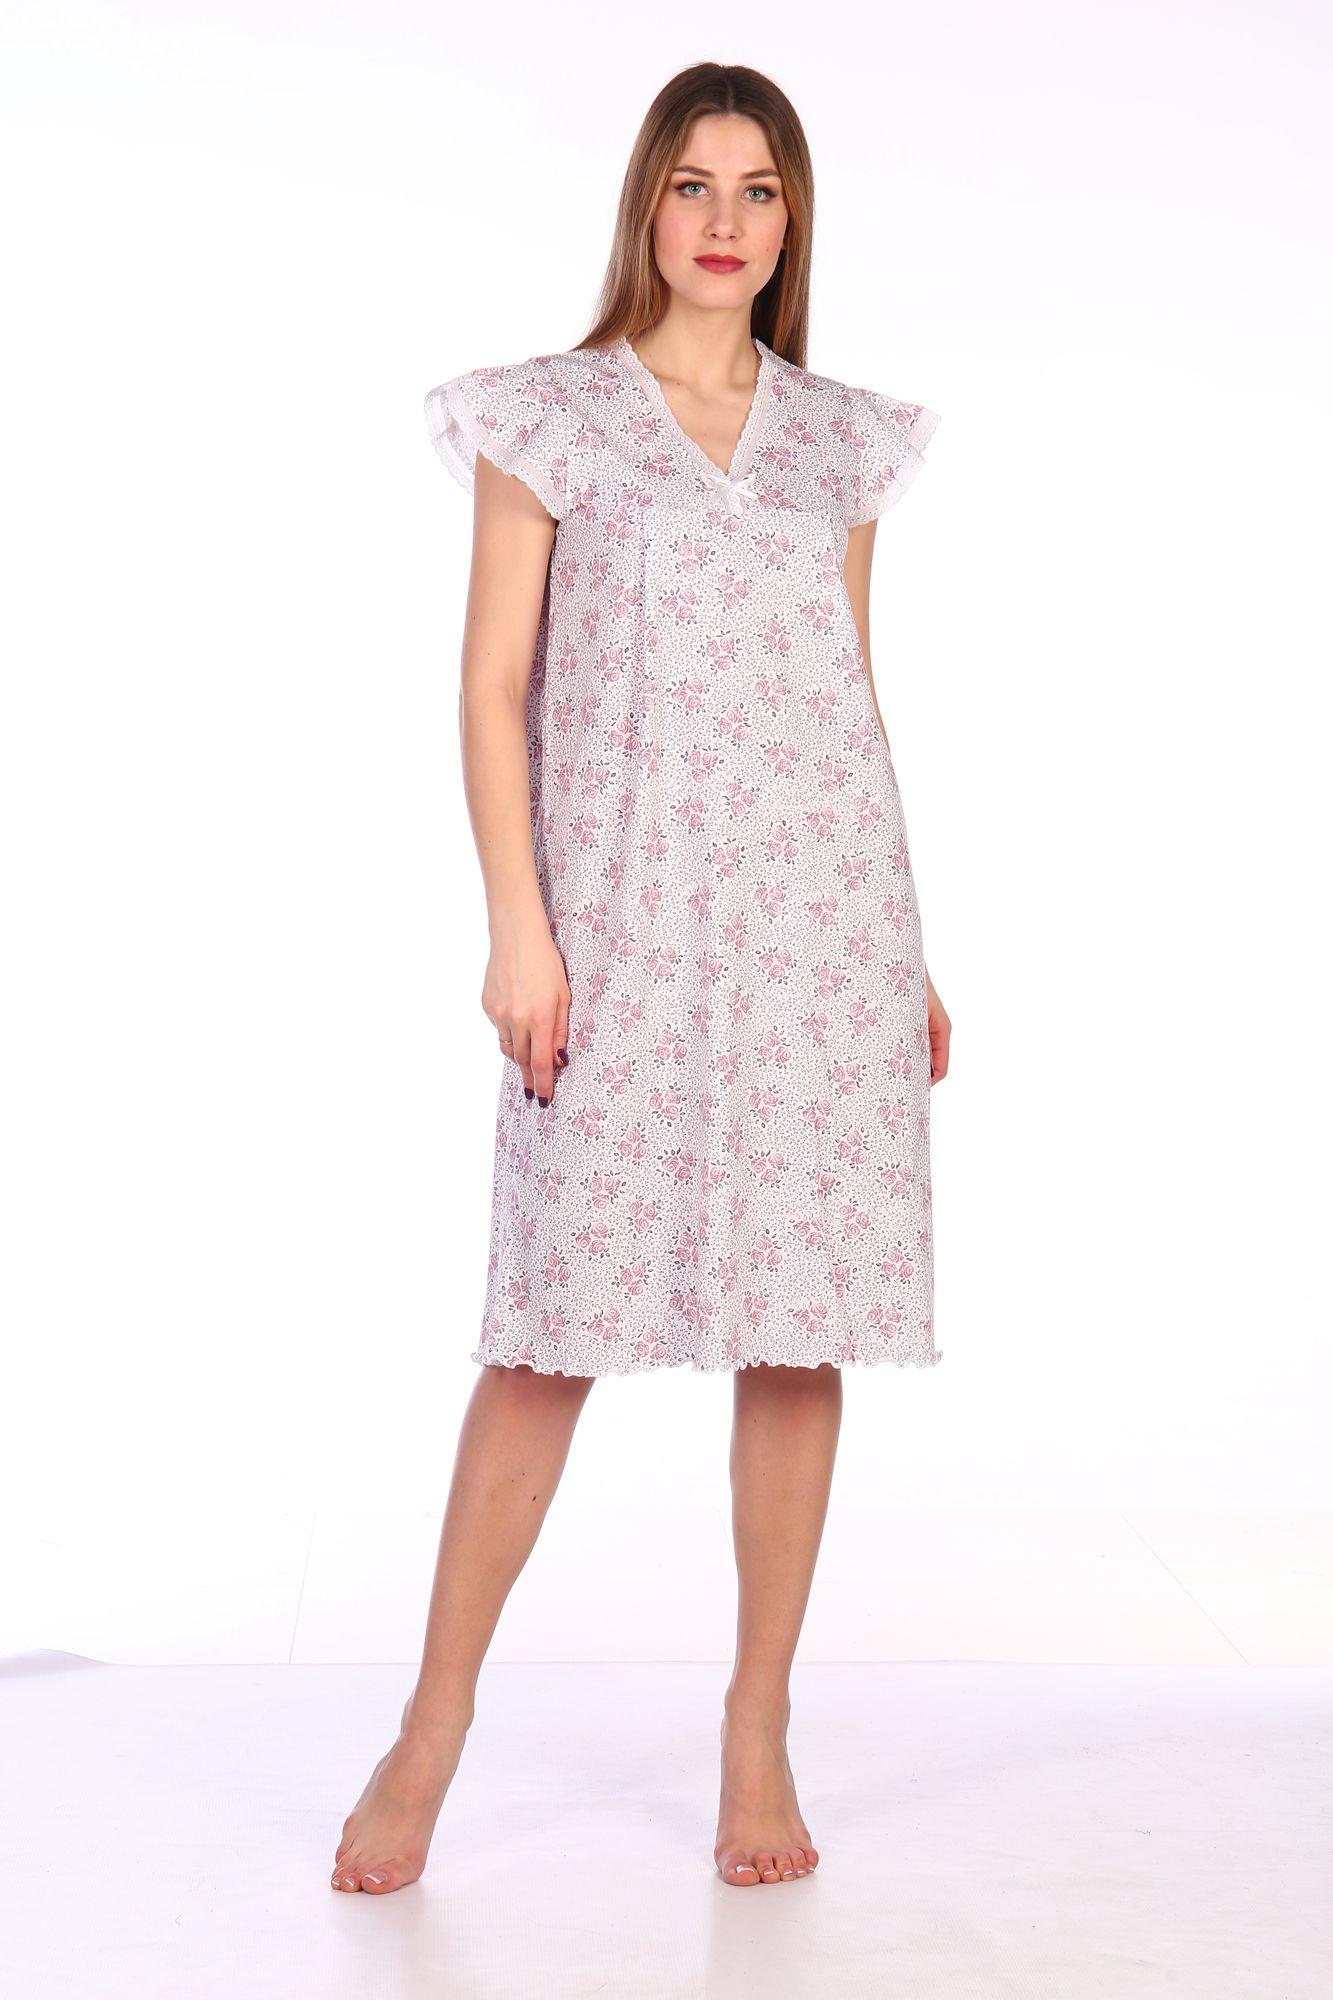 Сорочка ночная женская,мод. 427, трикотаж (Амалия )